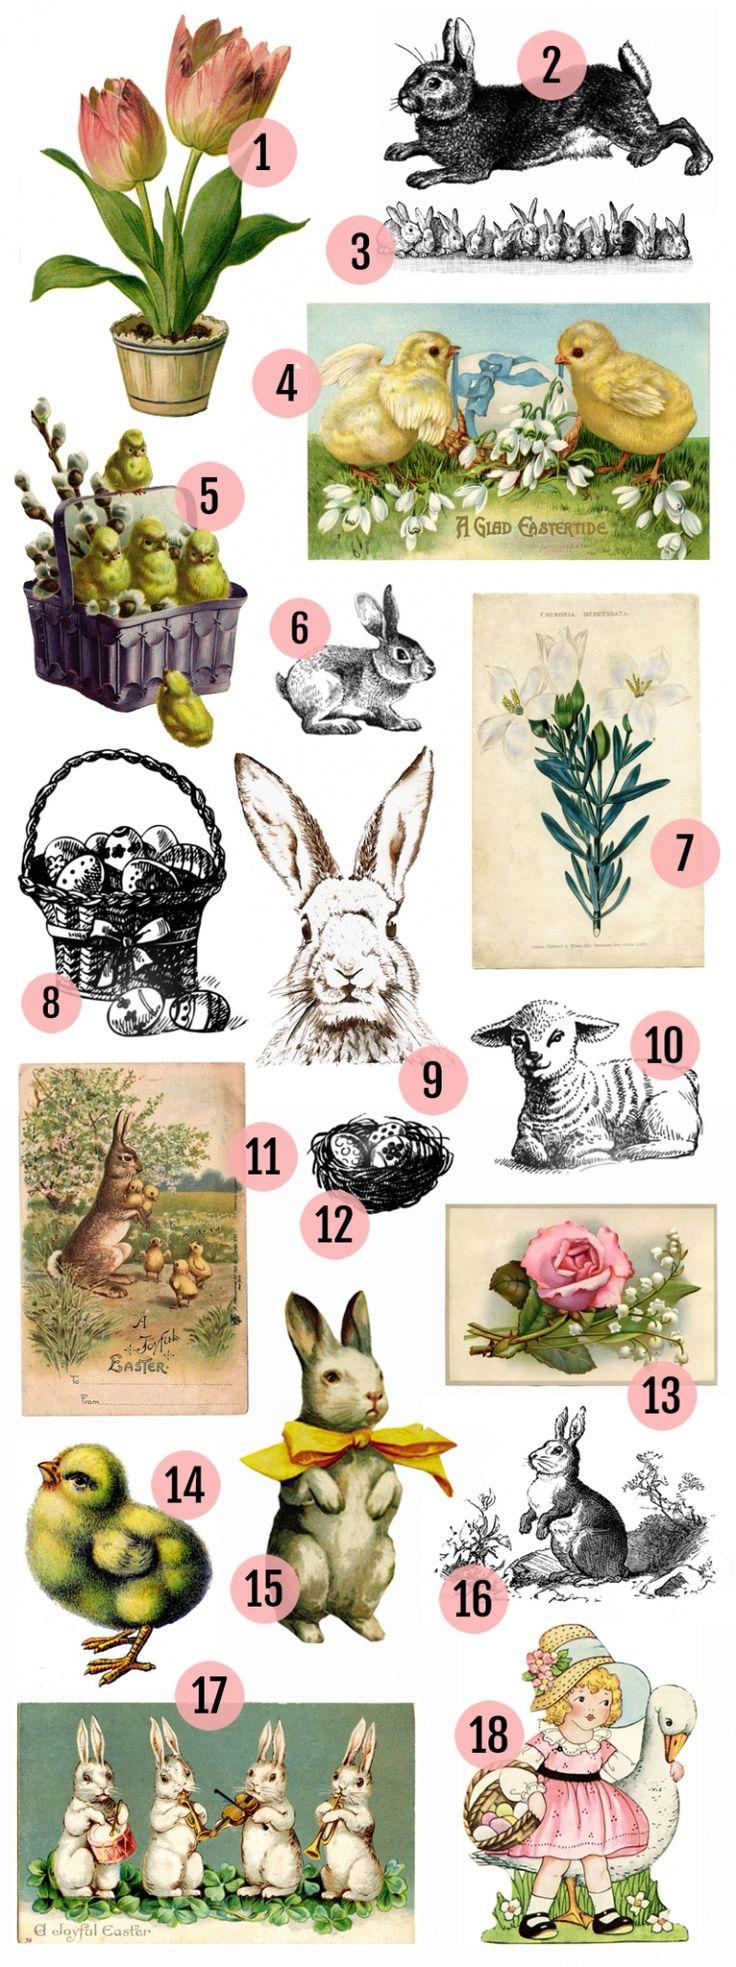 17 Best ideas about Vintage Clip Art on Pinterest | Vintage labels ...